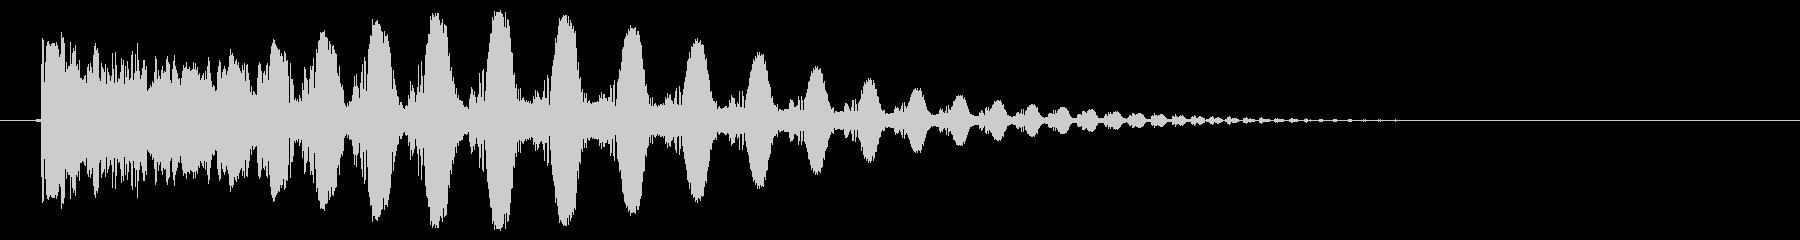 ピシューイ(ゲーム・アプリ向け)の未再生の波形